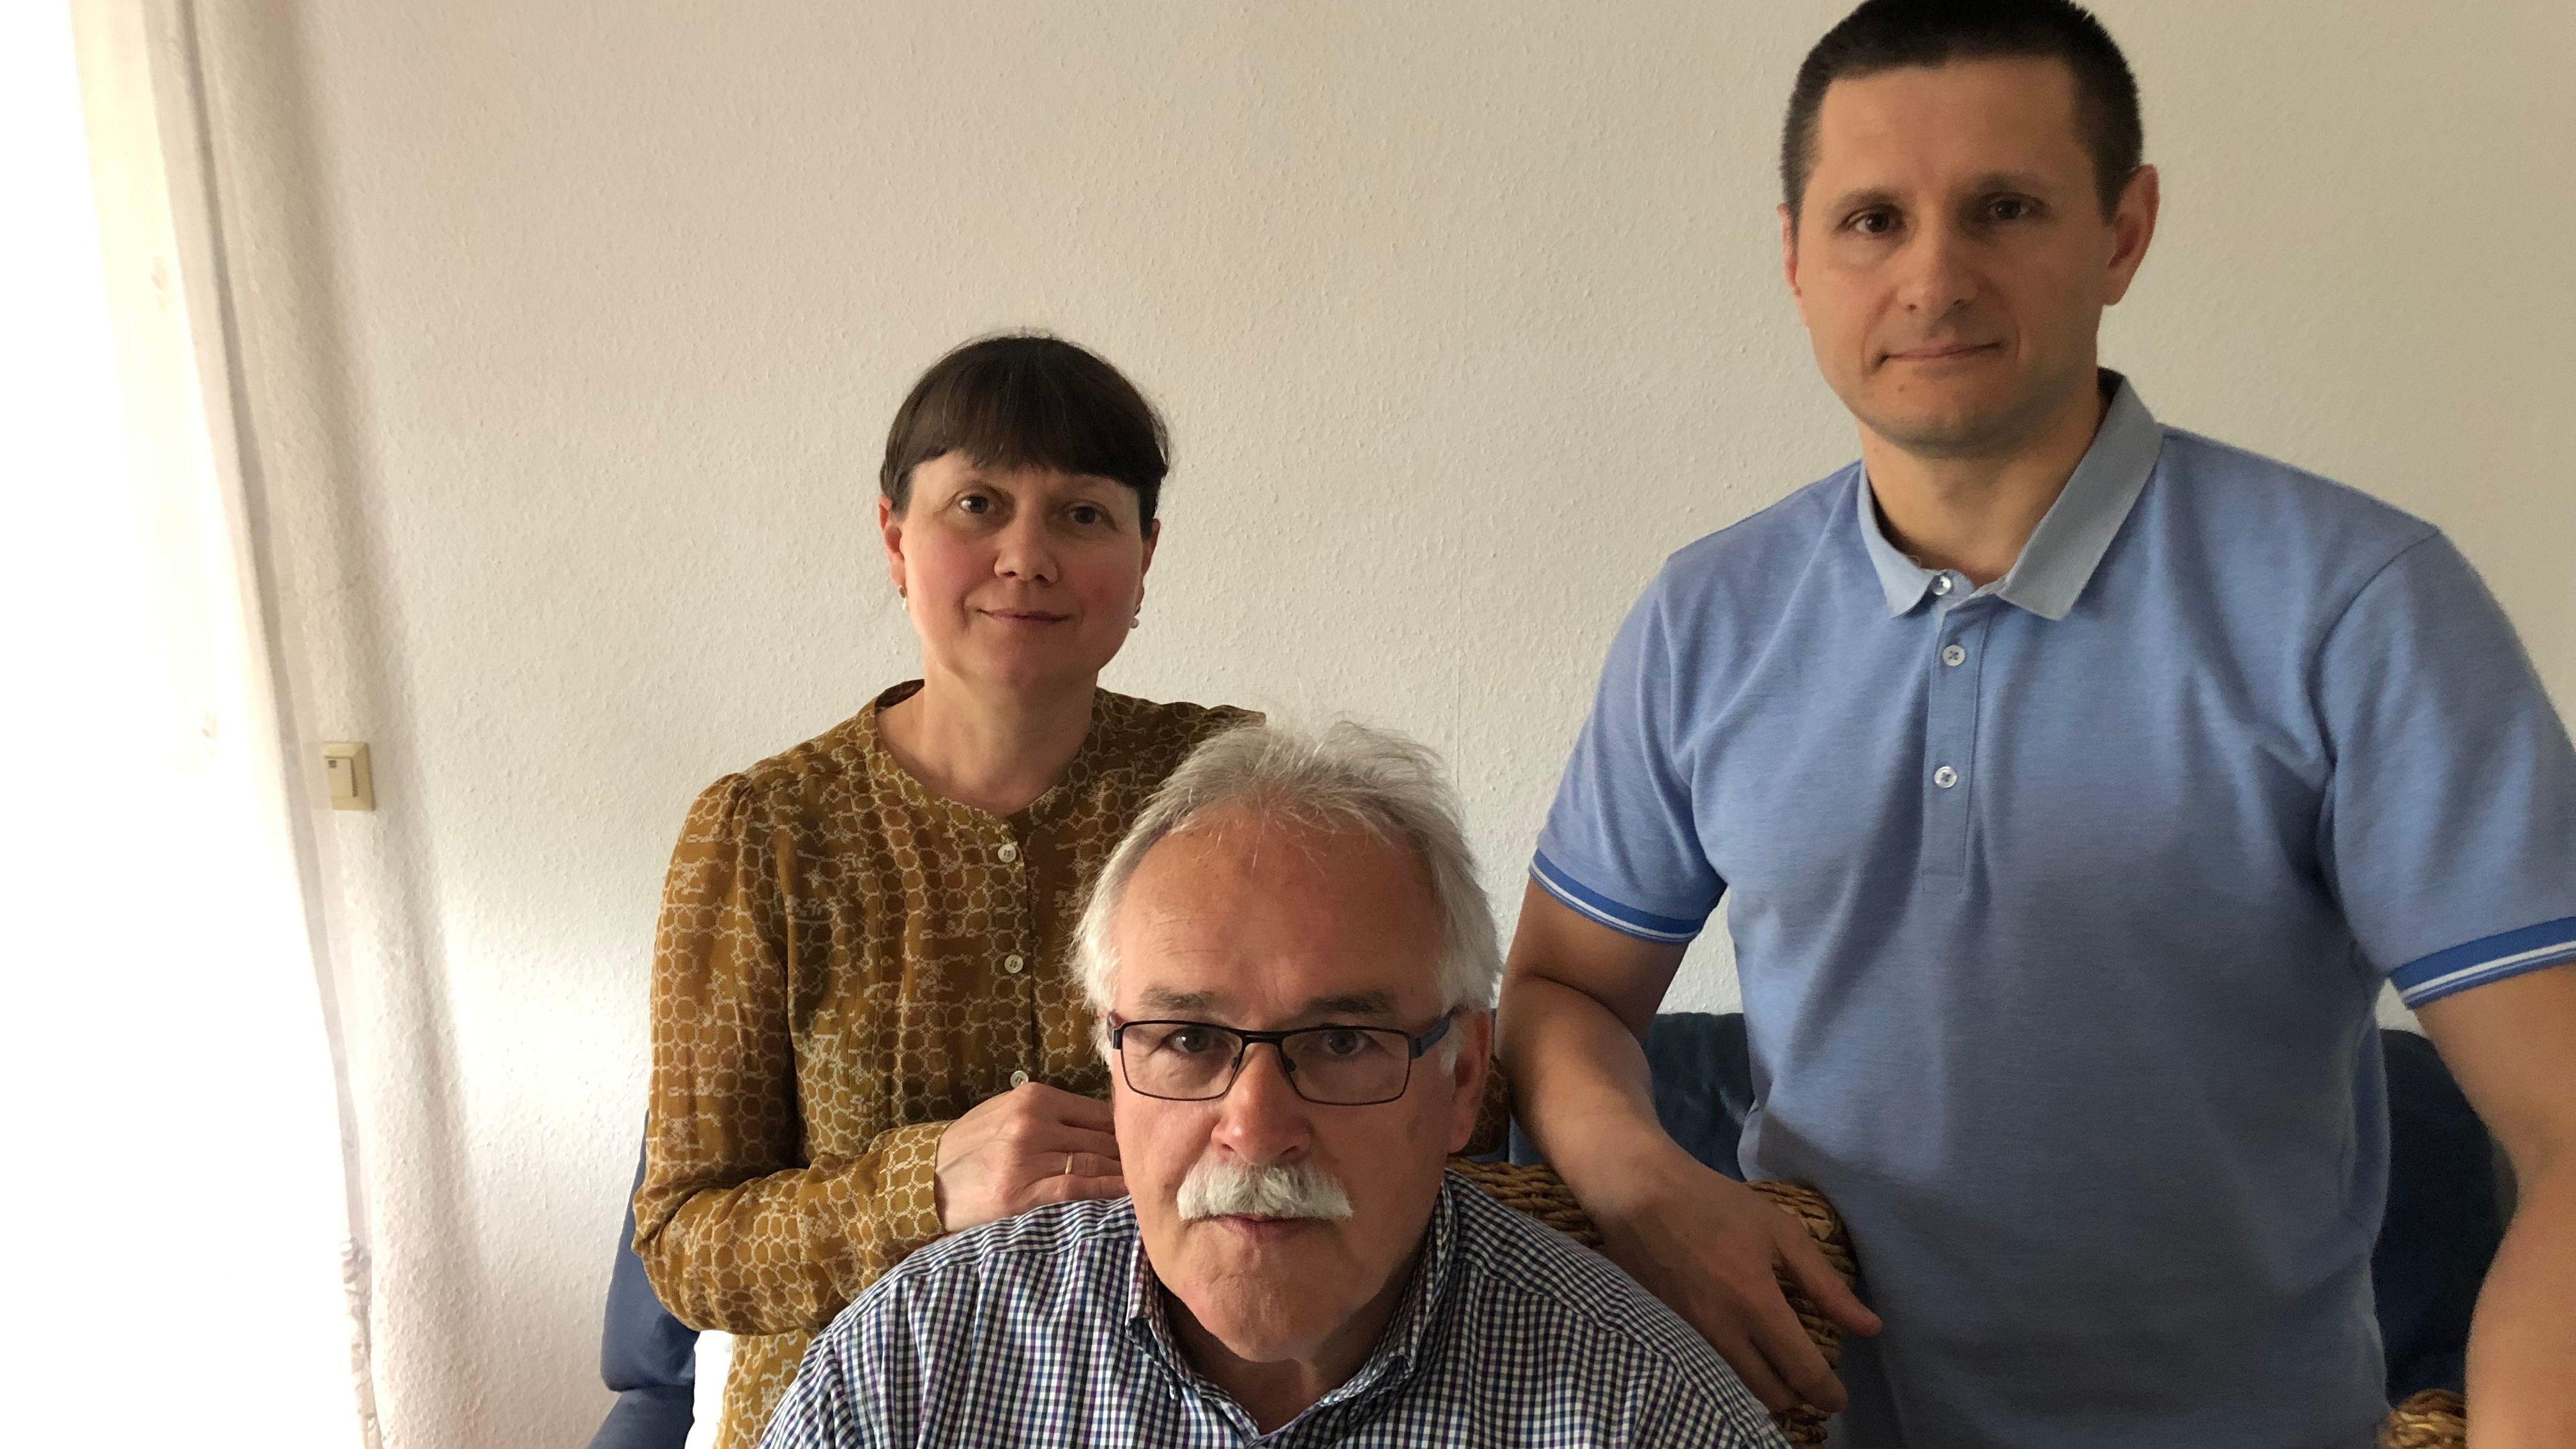 Bürgermeister Karl-Heinz Schöffer und viele Bürger im Ort hatten sich für die  Myronovs eingesetzt.